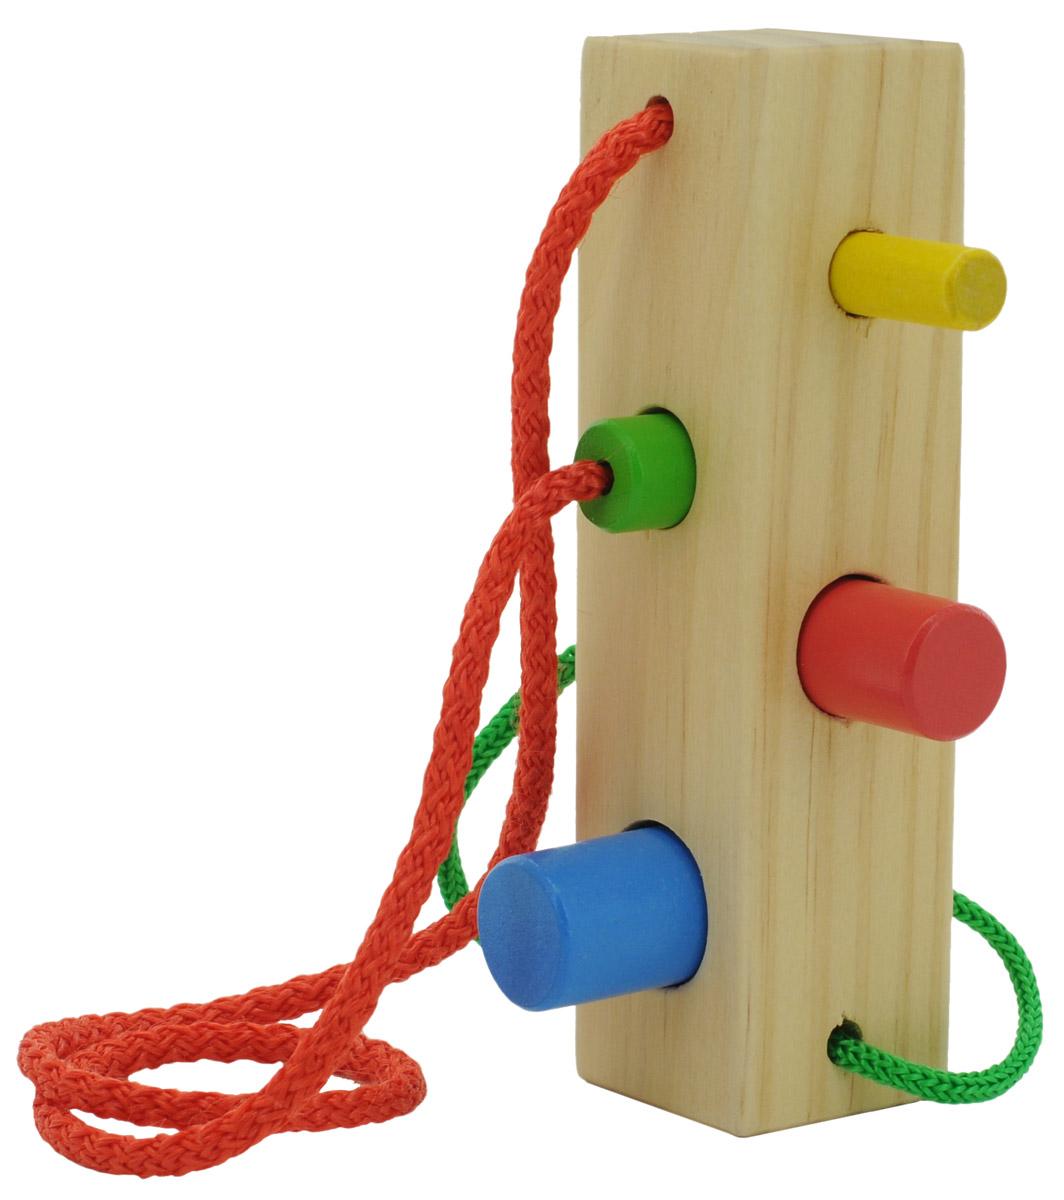 Фото - Мир деревянных игрушек Шнуровка-сортер Брусочек мир деревянных игрушек развивающая игрушка стучалка шарик и гвоздики